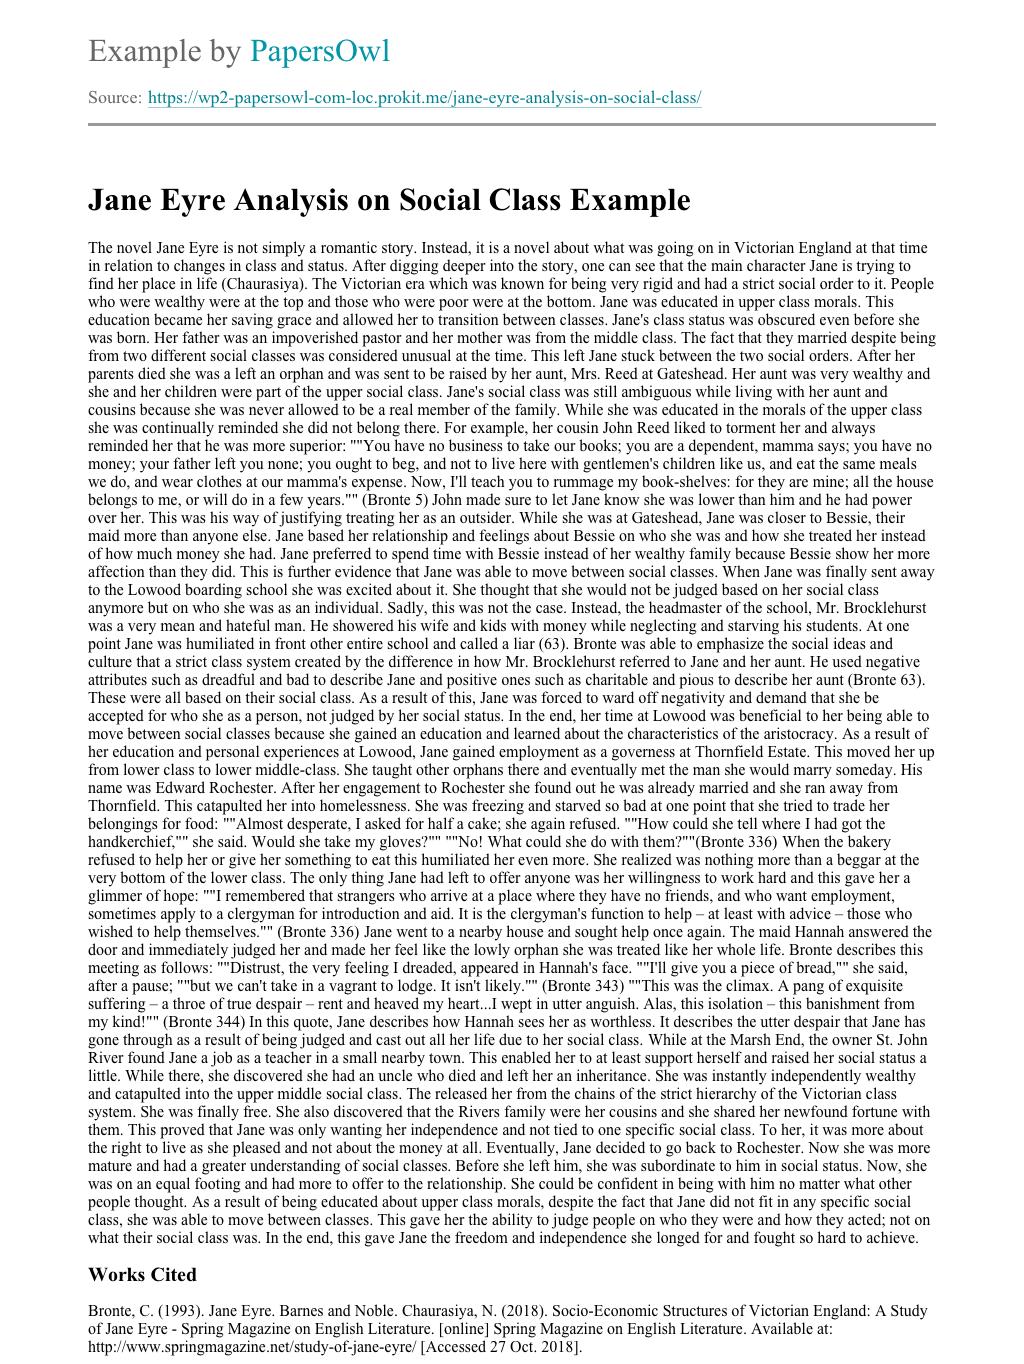 Free essays on jesus christ